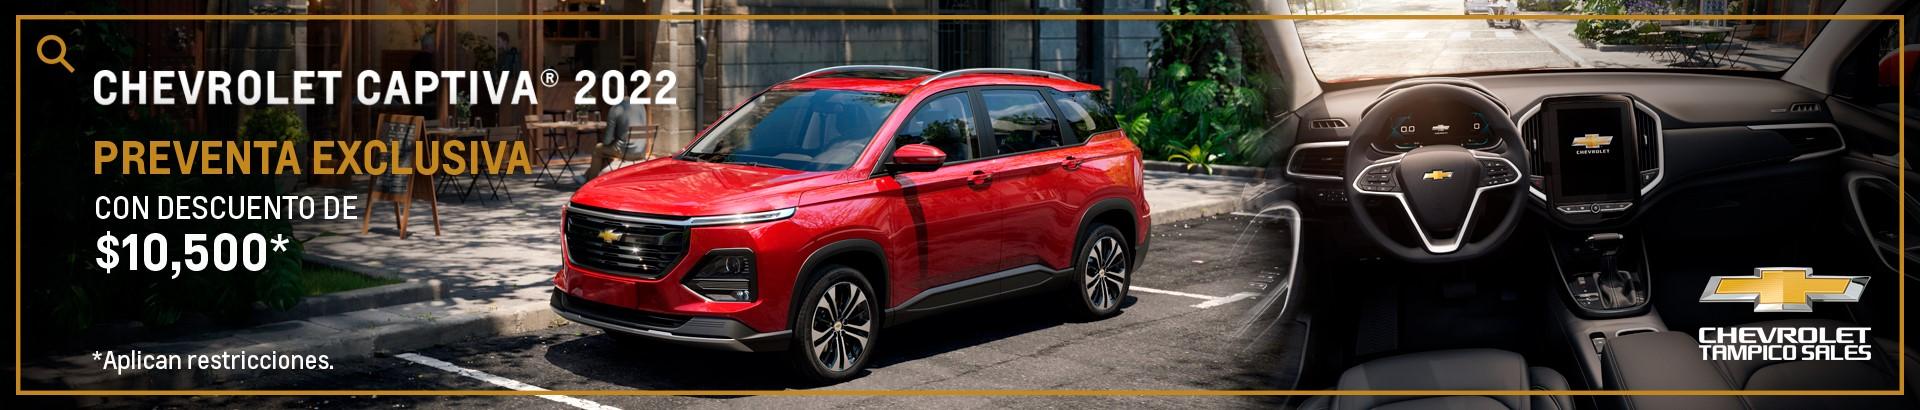 Chevrolet Tampico Sales